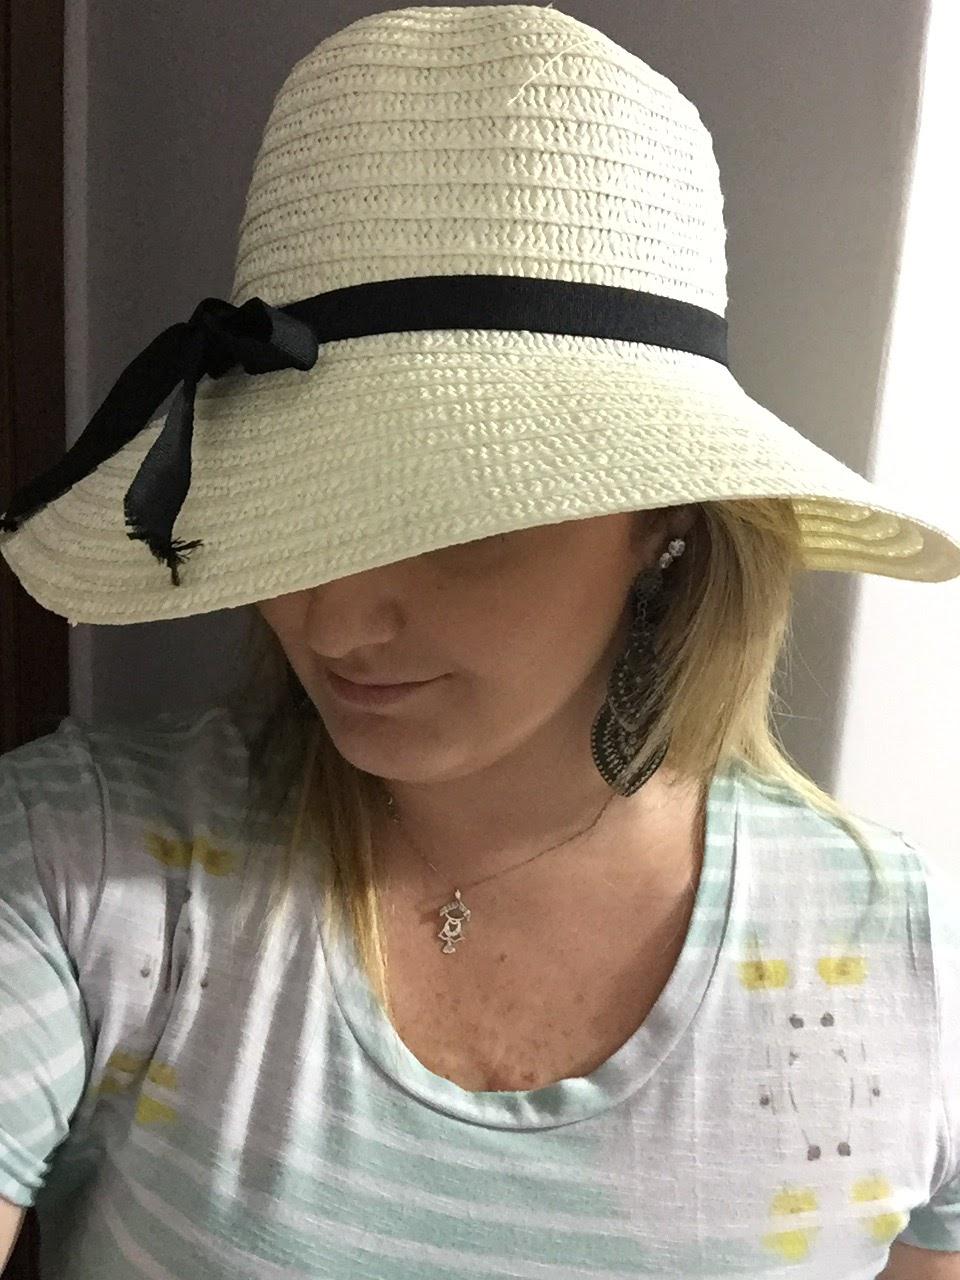 chapéu palha praia Maria Chica Bijuterias ... blog Mamãe de Salto/ todos os direitos reservados